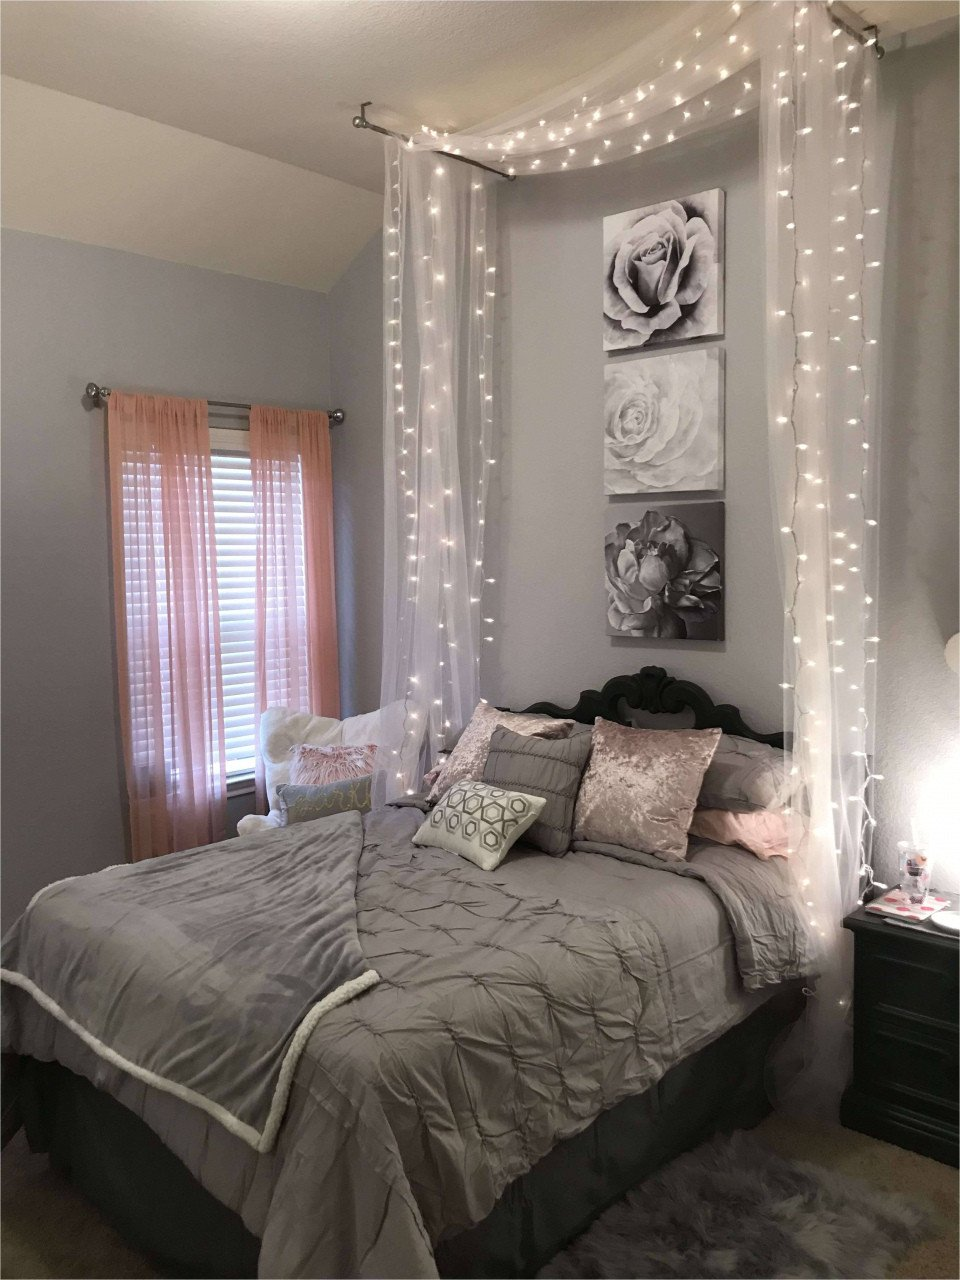 Chandelier for Teenage Girl Bedroom Inspirational Teen Girl Bedroom Ideas — Procura Home Blog